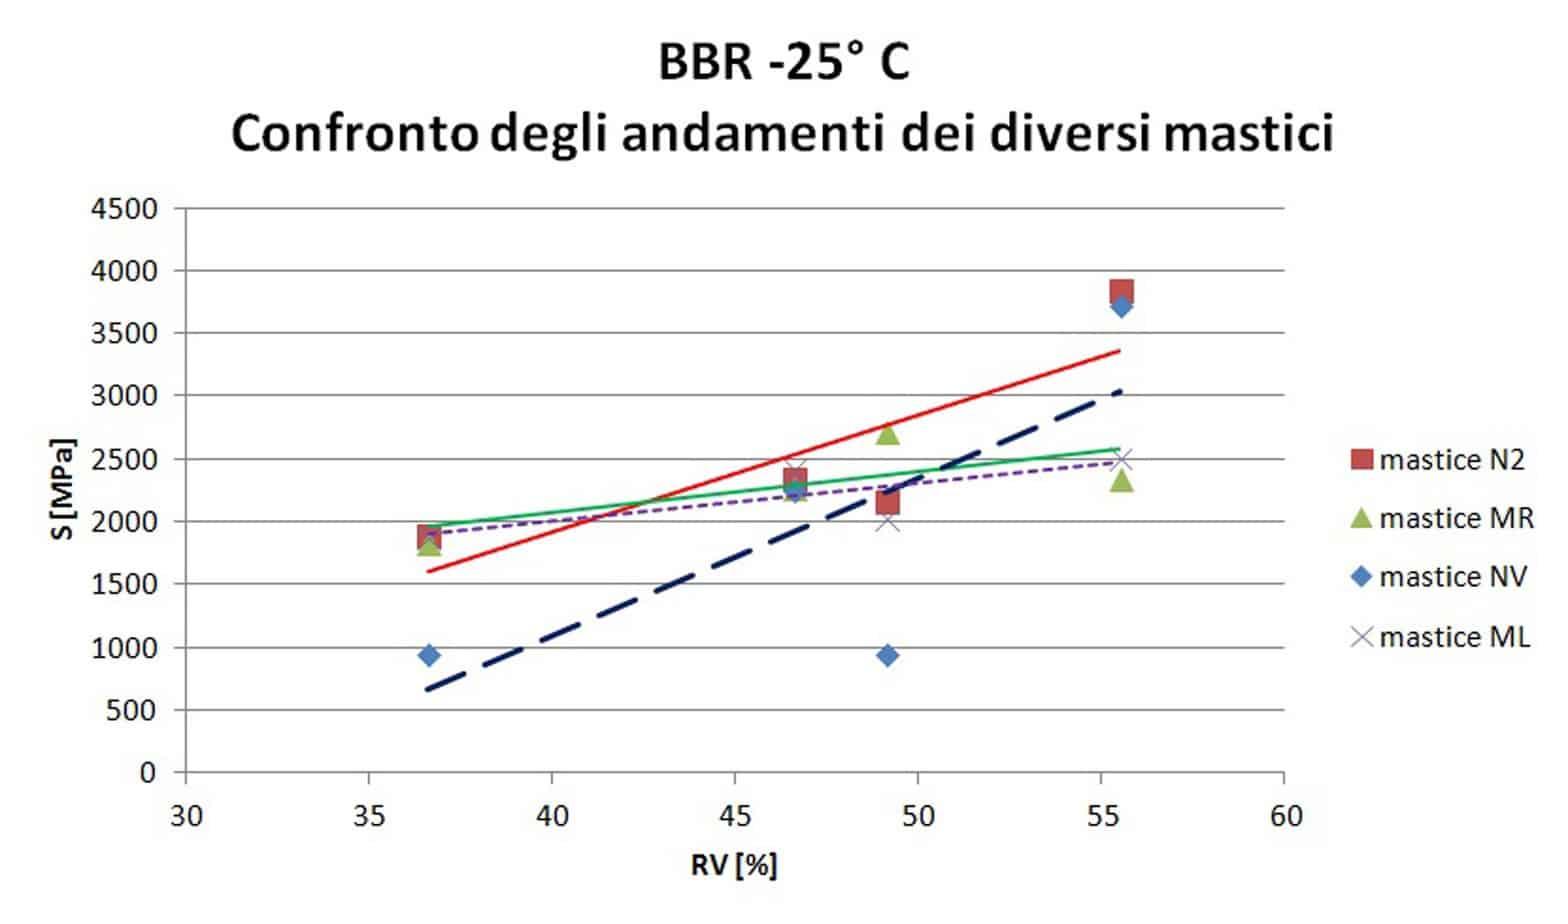 La relazione tra RV e risultati del test BBR a –12 °C e –25 °C